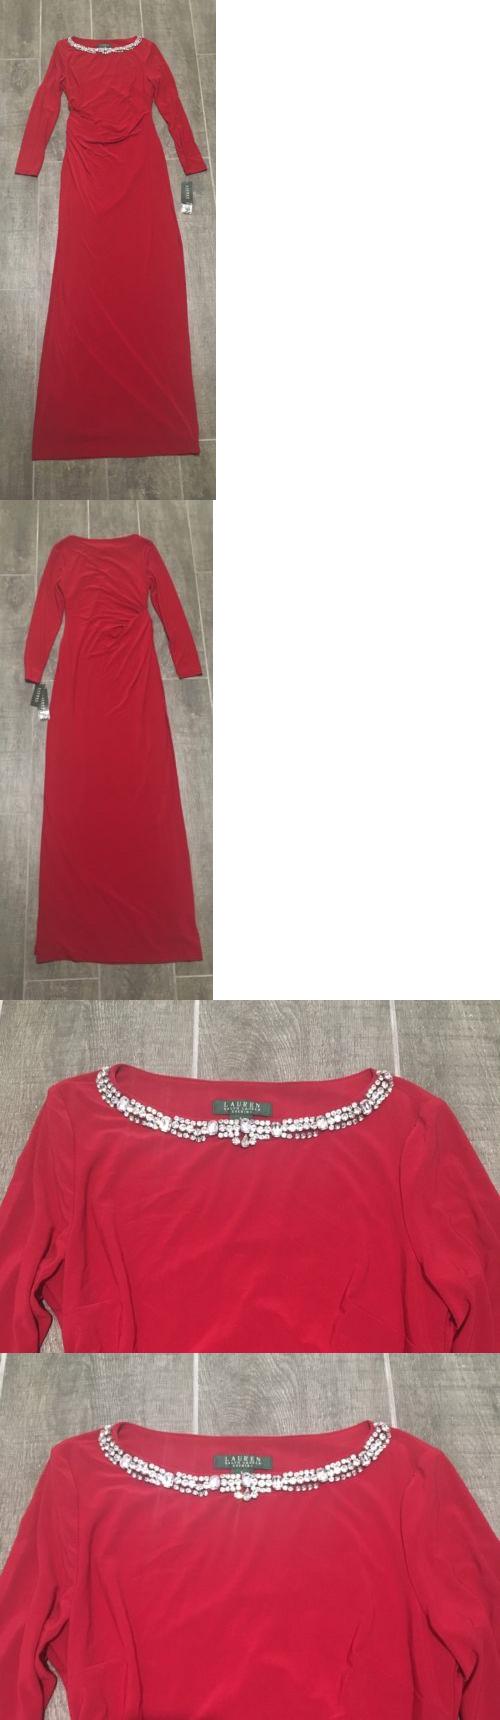 Other wedding and formal wear lauren ralph lauren long sleeve